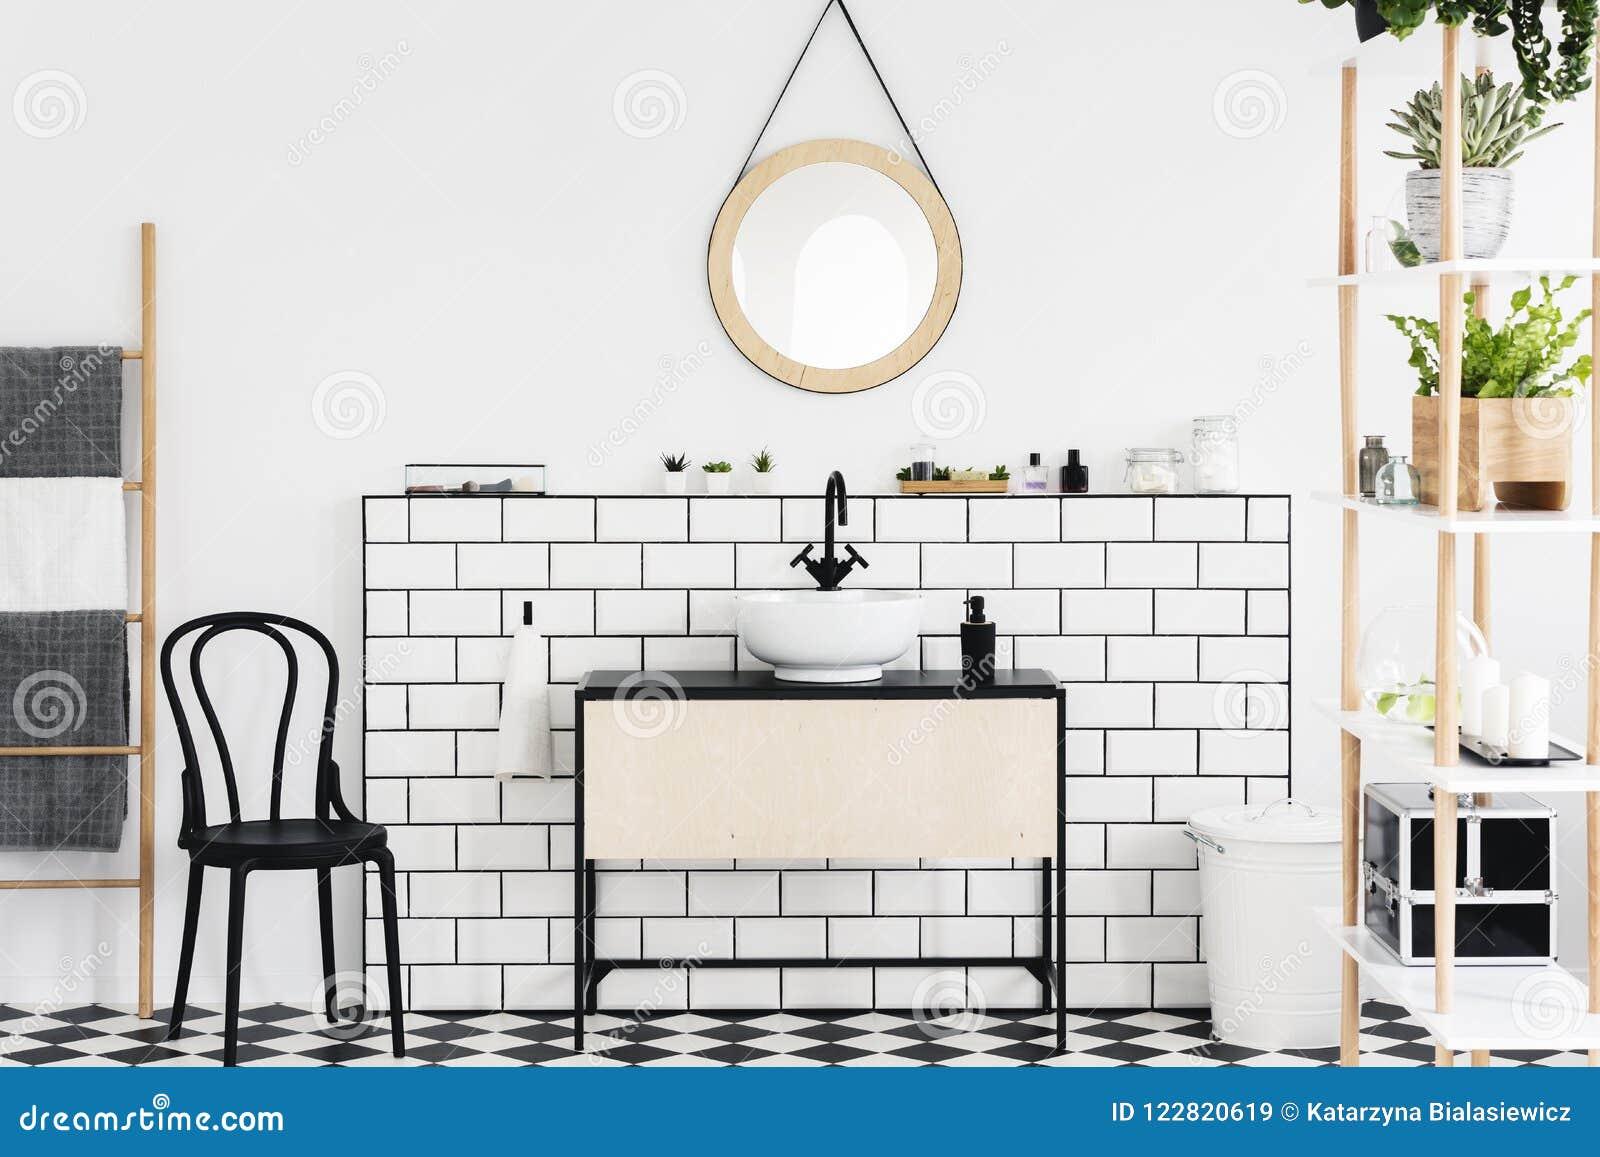 Spegel ovanför handfatet i den vita badruminre med växter och svart stol bredvid stege Verkligt foto